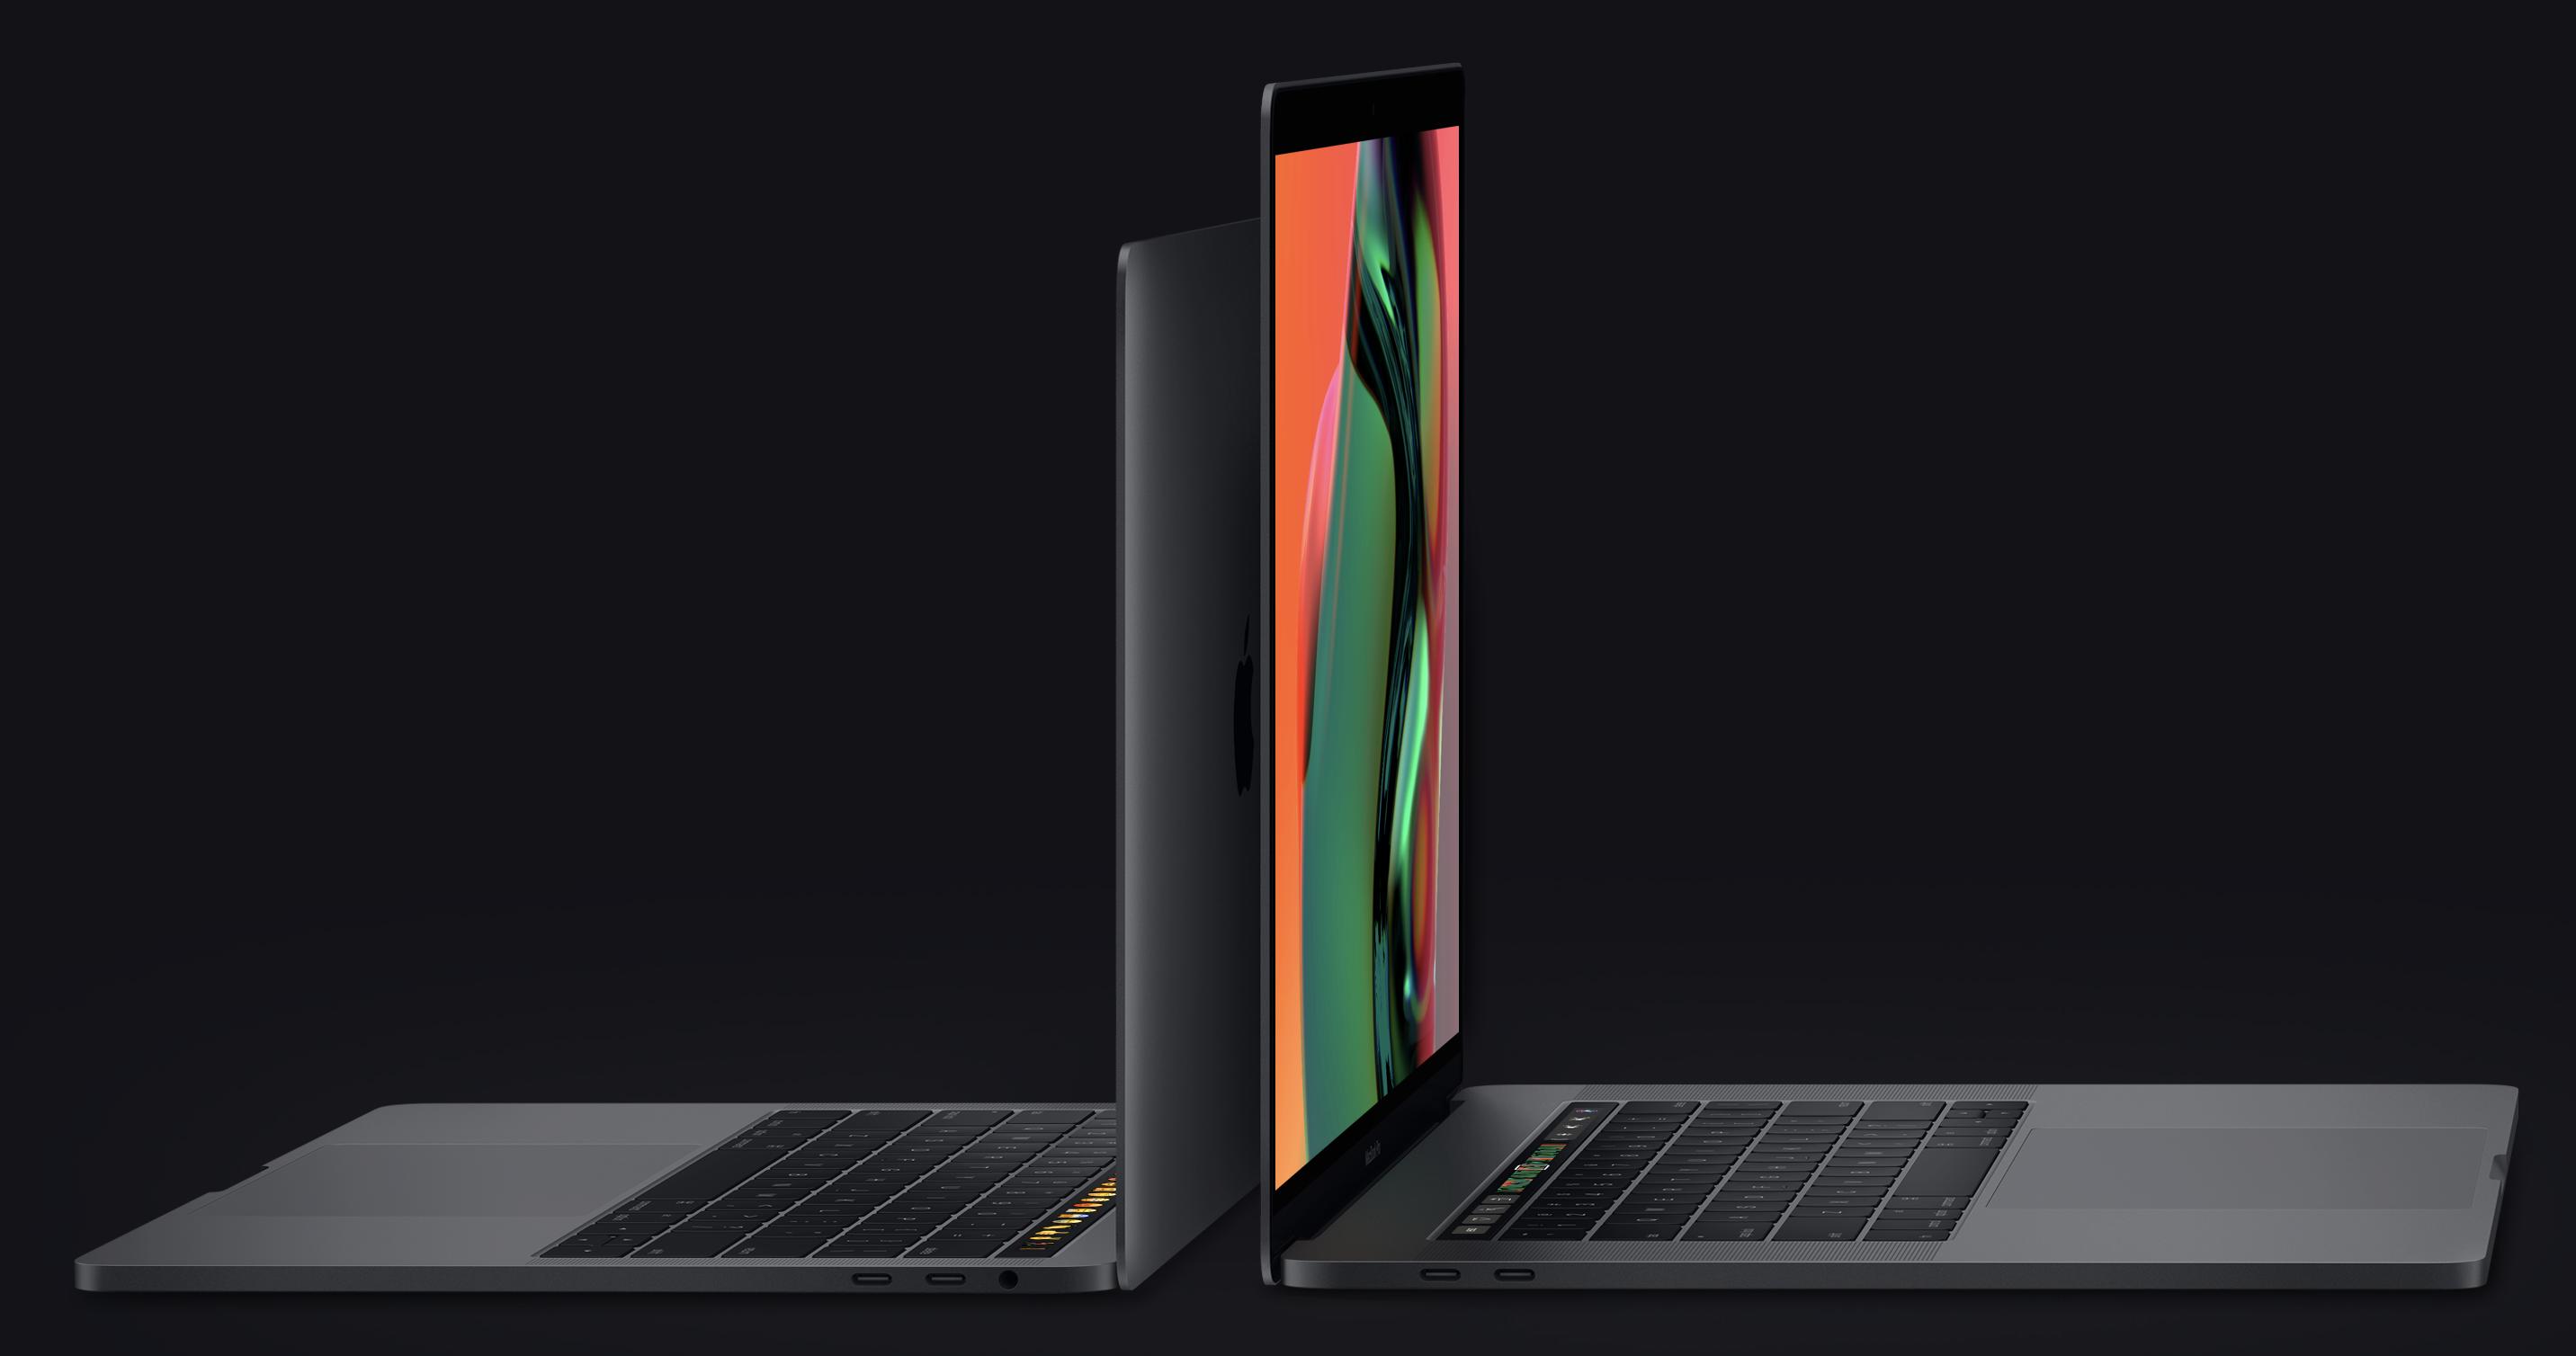 Apple обновила ноутбуки MacBook Pro с Touch Bar новыми процессорами Intel и более тихой клавиатурой